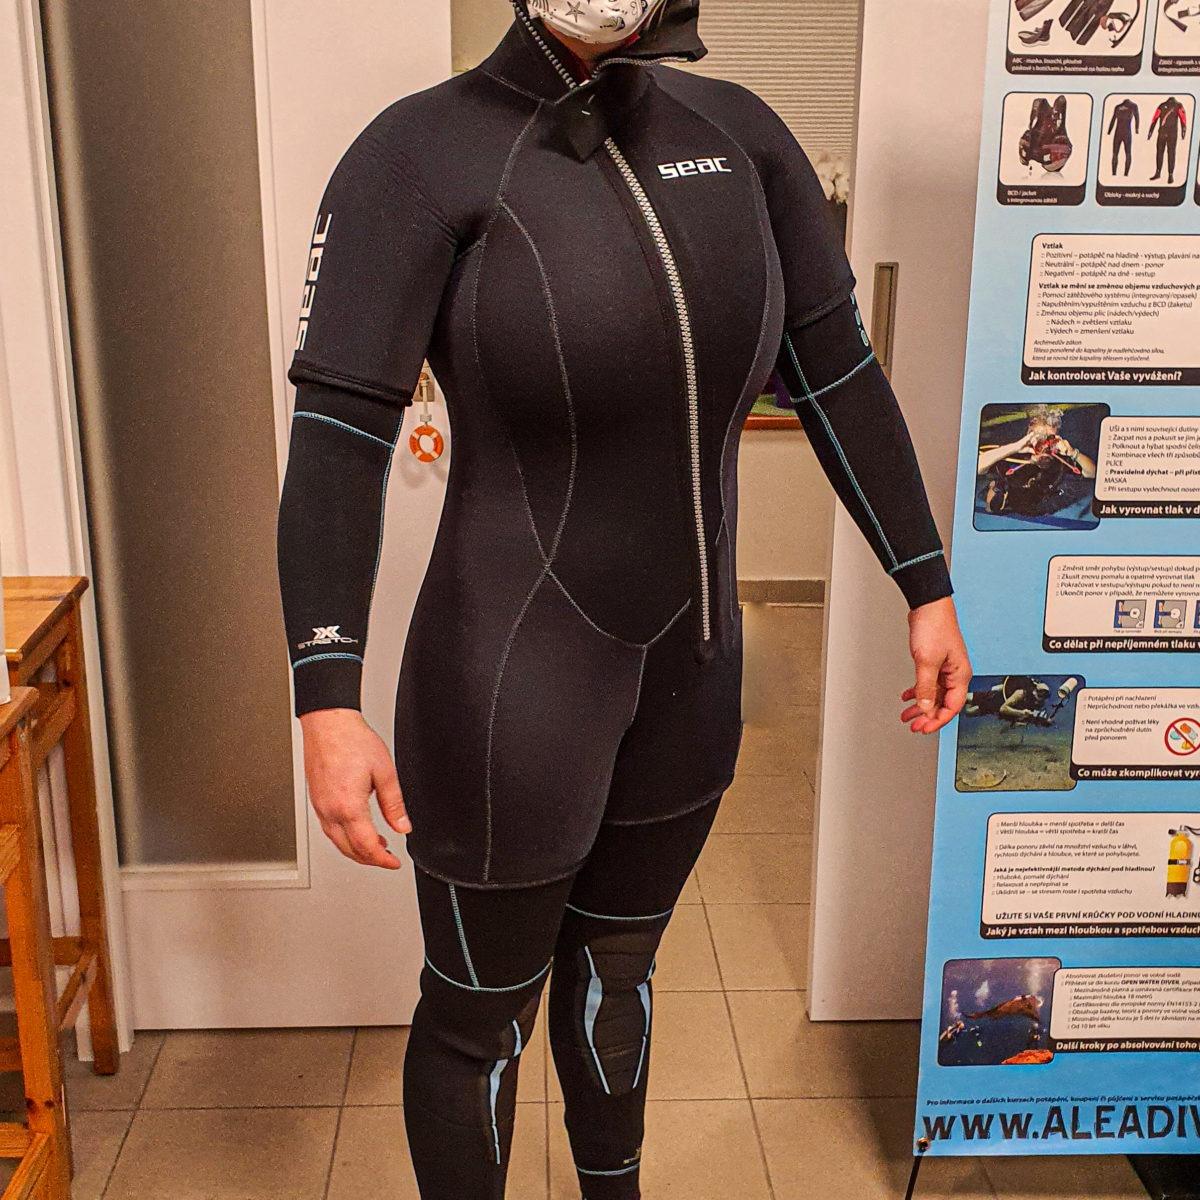 alea divers wetsuit